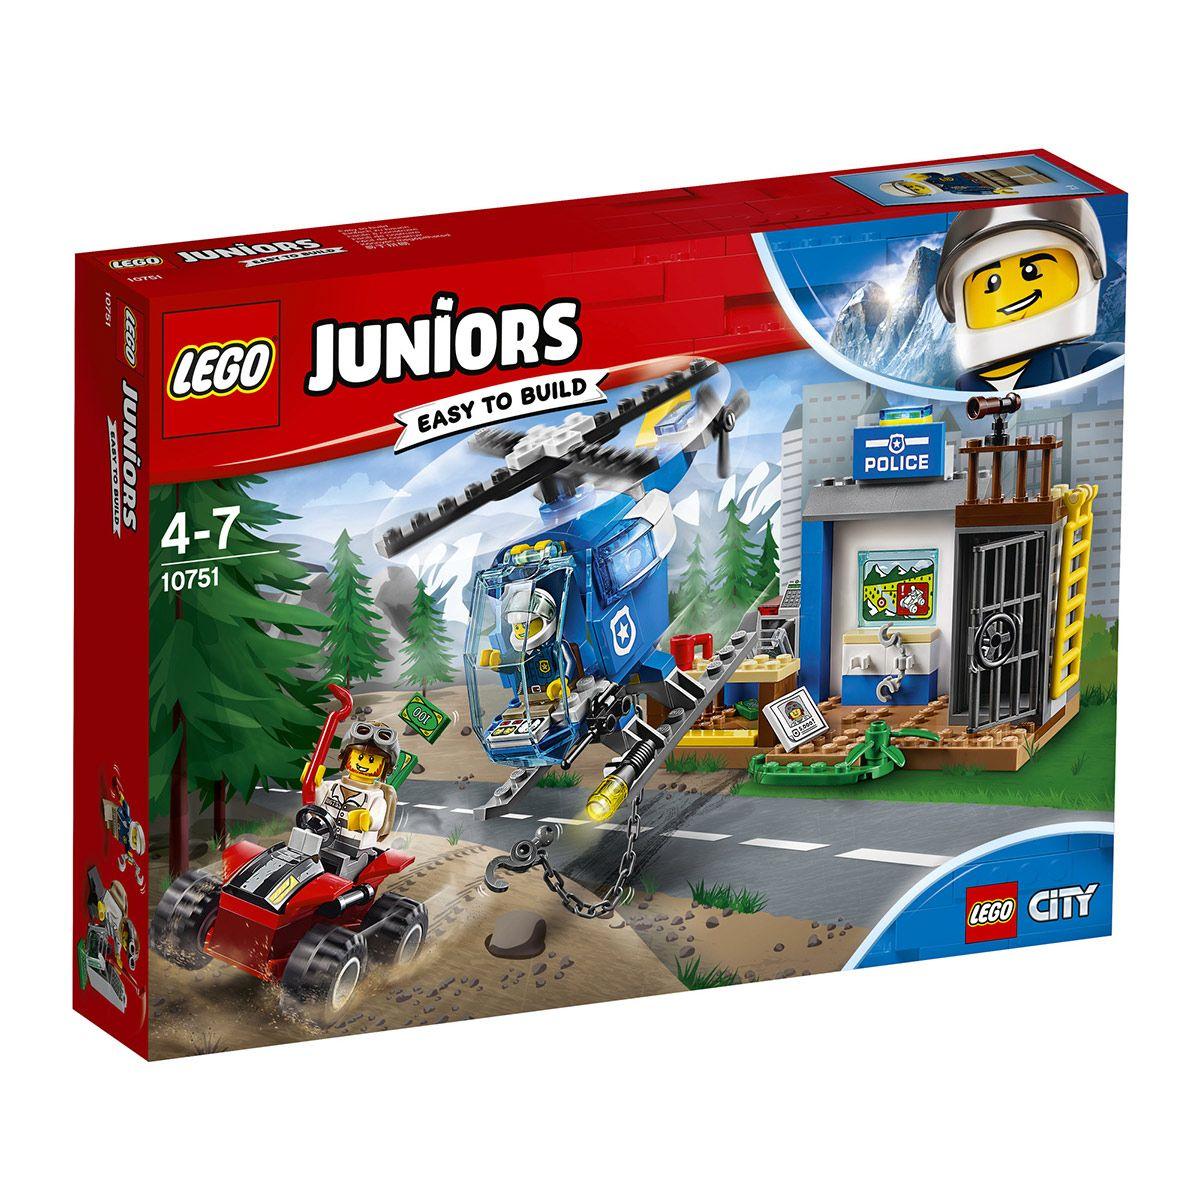 Montagne Lego Juniors 10751 Course Poursuite PolicePompiers Et I6Yfg7yvbm